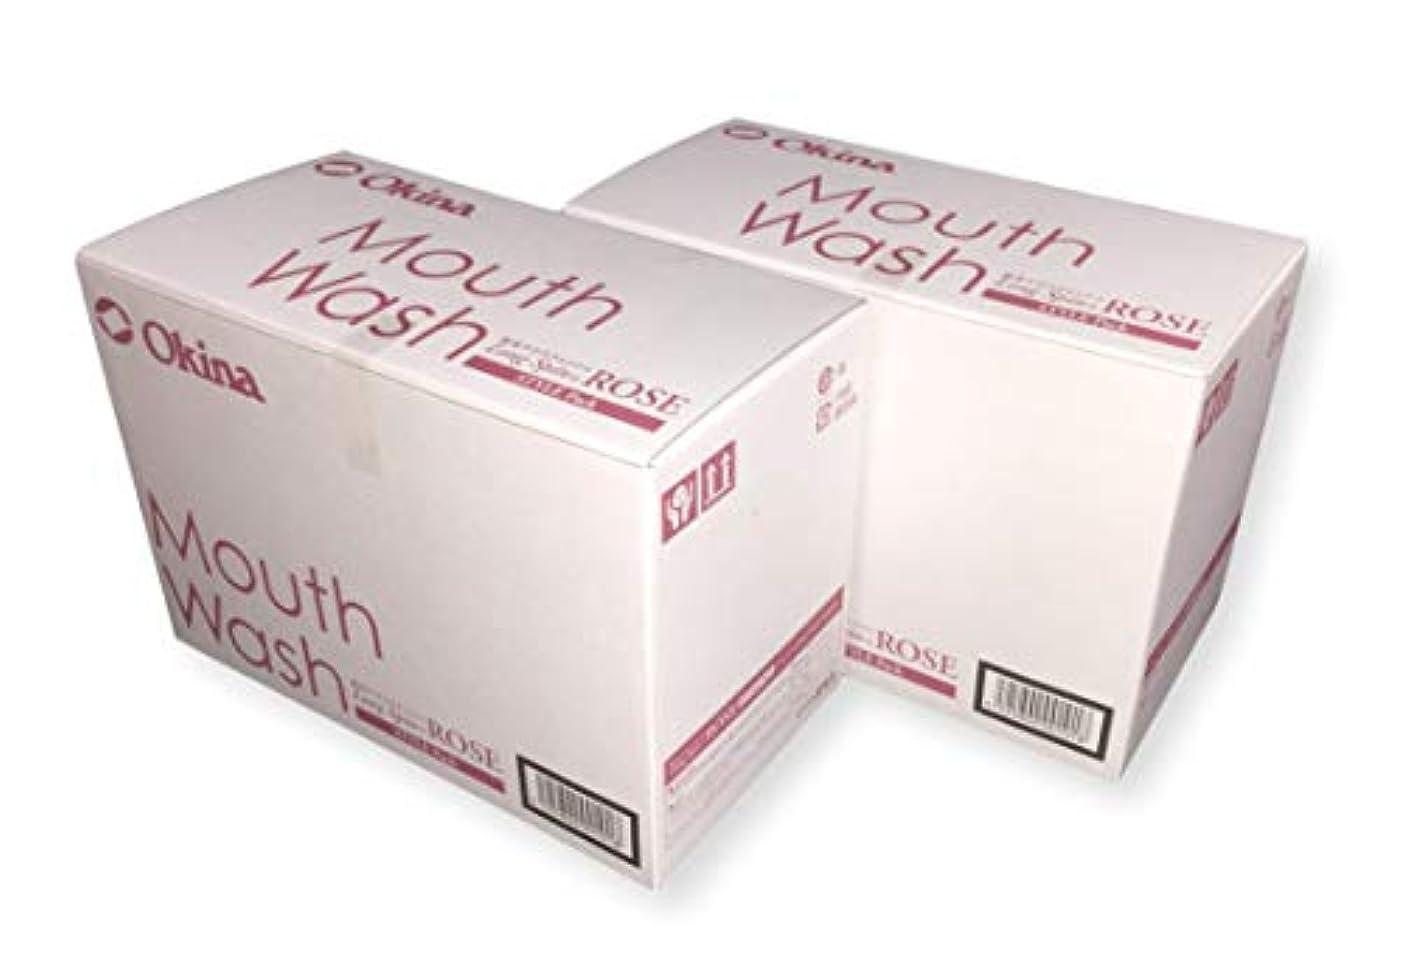 戦争関与する汚染されたオキナ マウスウォッシュ ロングスピン スタイルパック ROSE お得な2箱セット(100入りx2箱) LS-RS